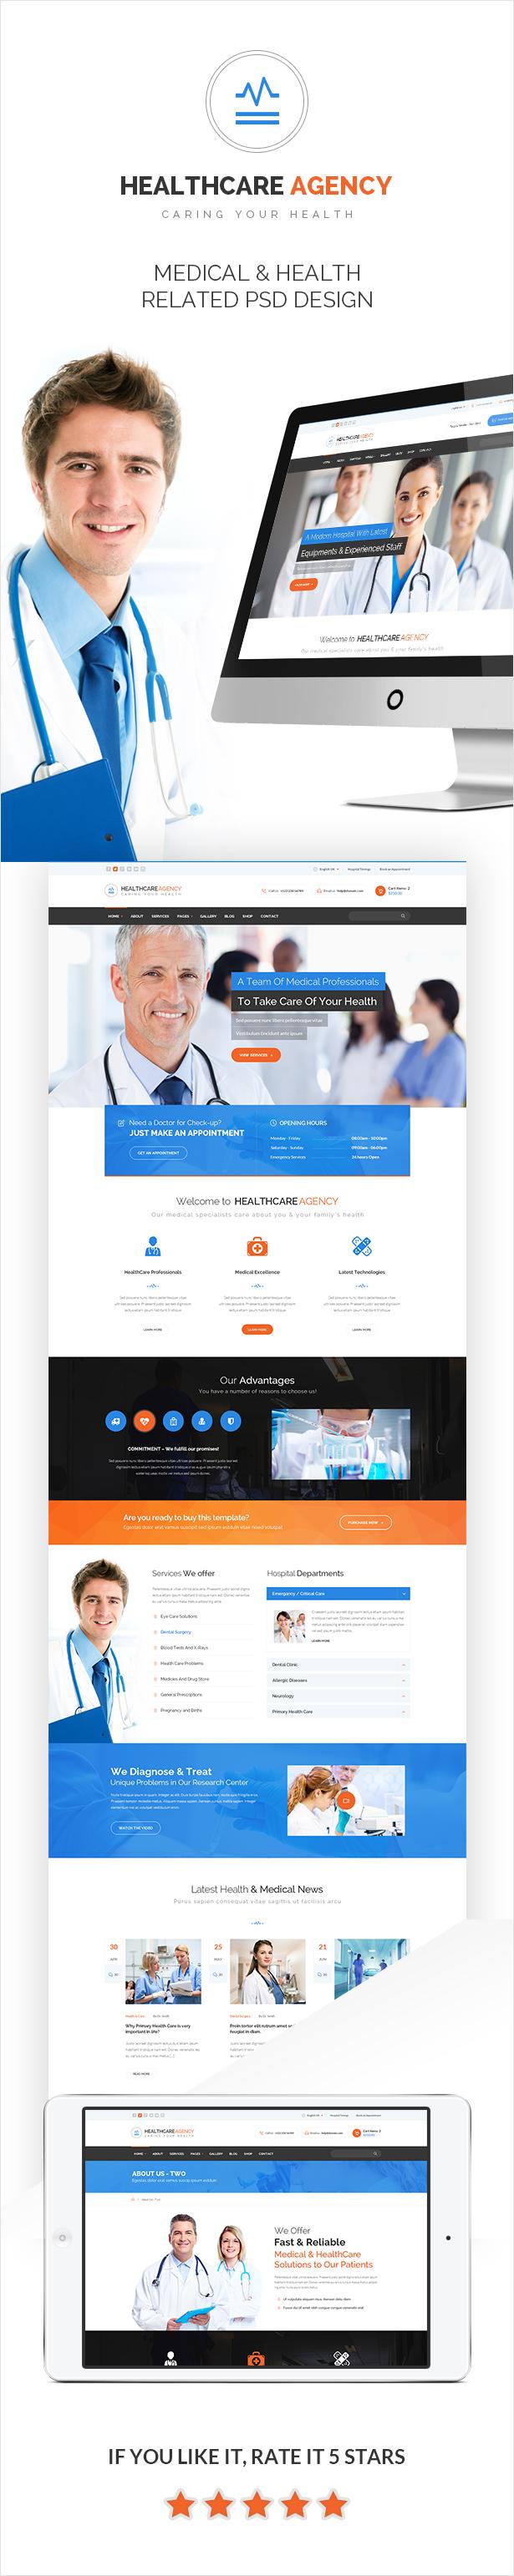 Healthcare Agency - PSD - 2